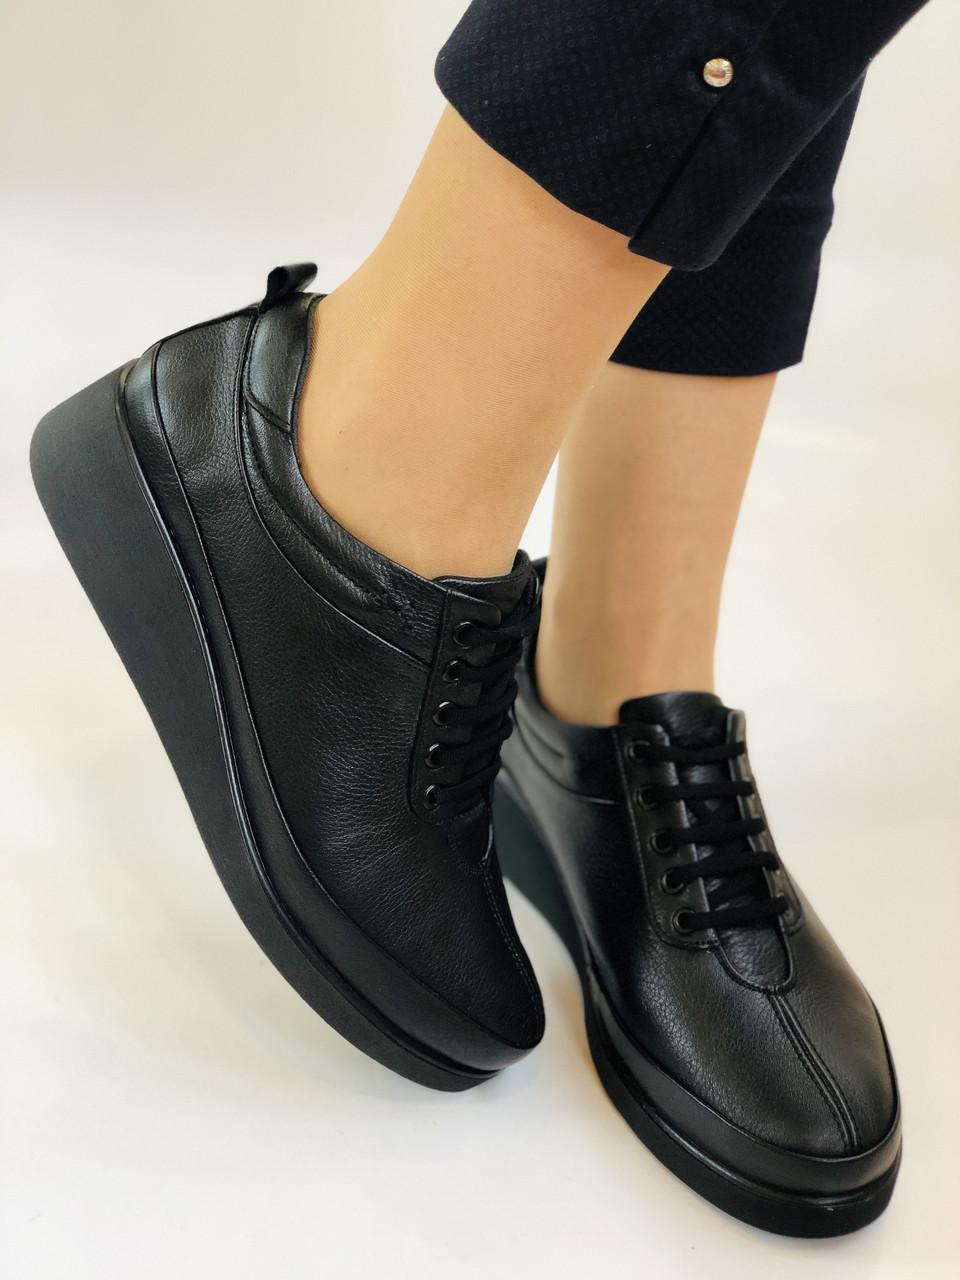 Женские туфли. Натуральная кожа. Турция. Размер 40, 41 Vellena